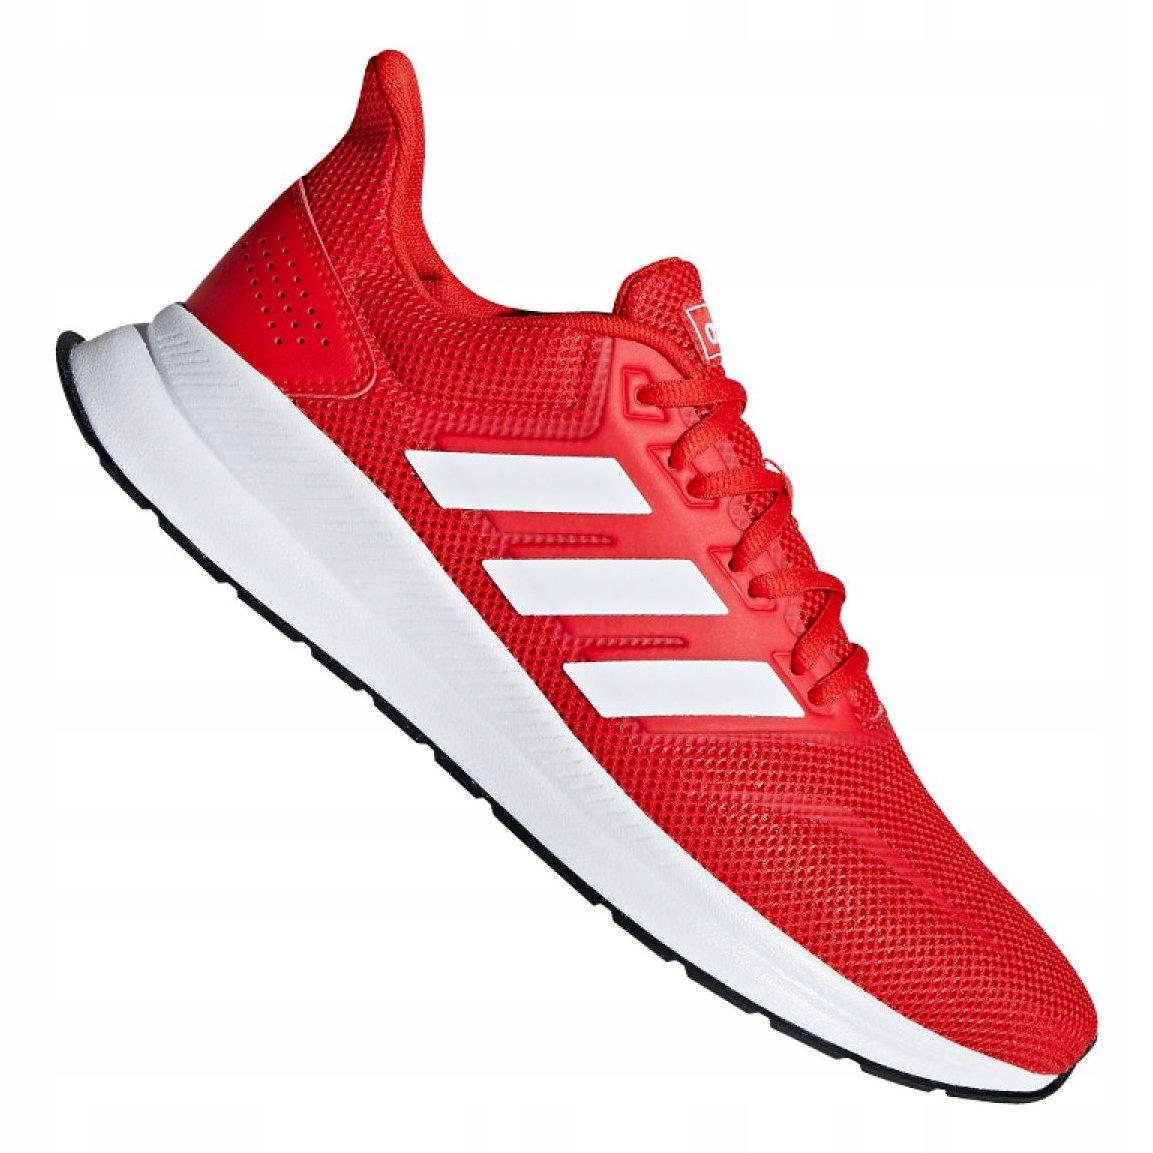 Czerwone Tkanina Buty Treningowe Adidas r.44 2/3